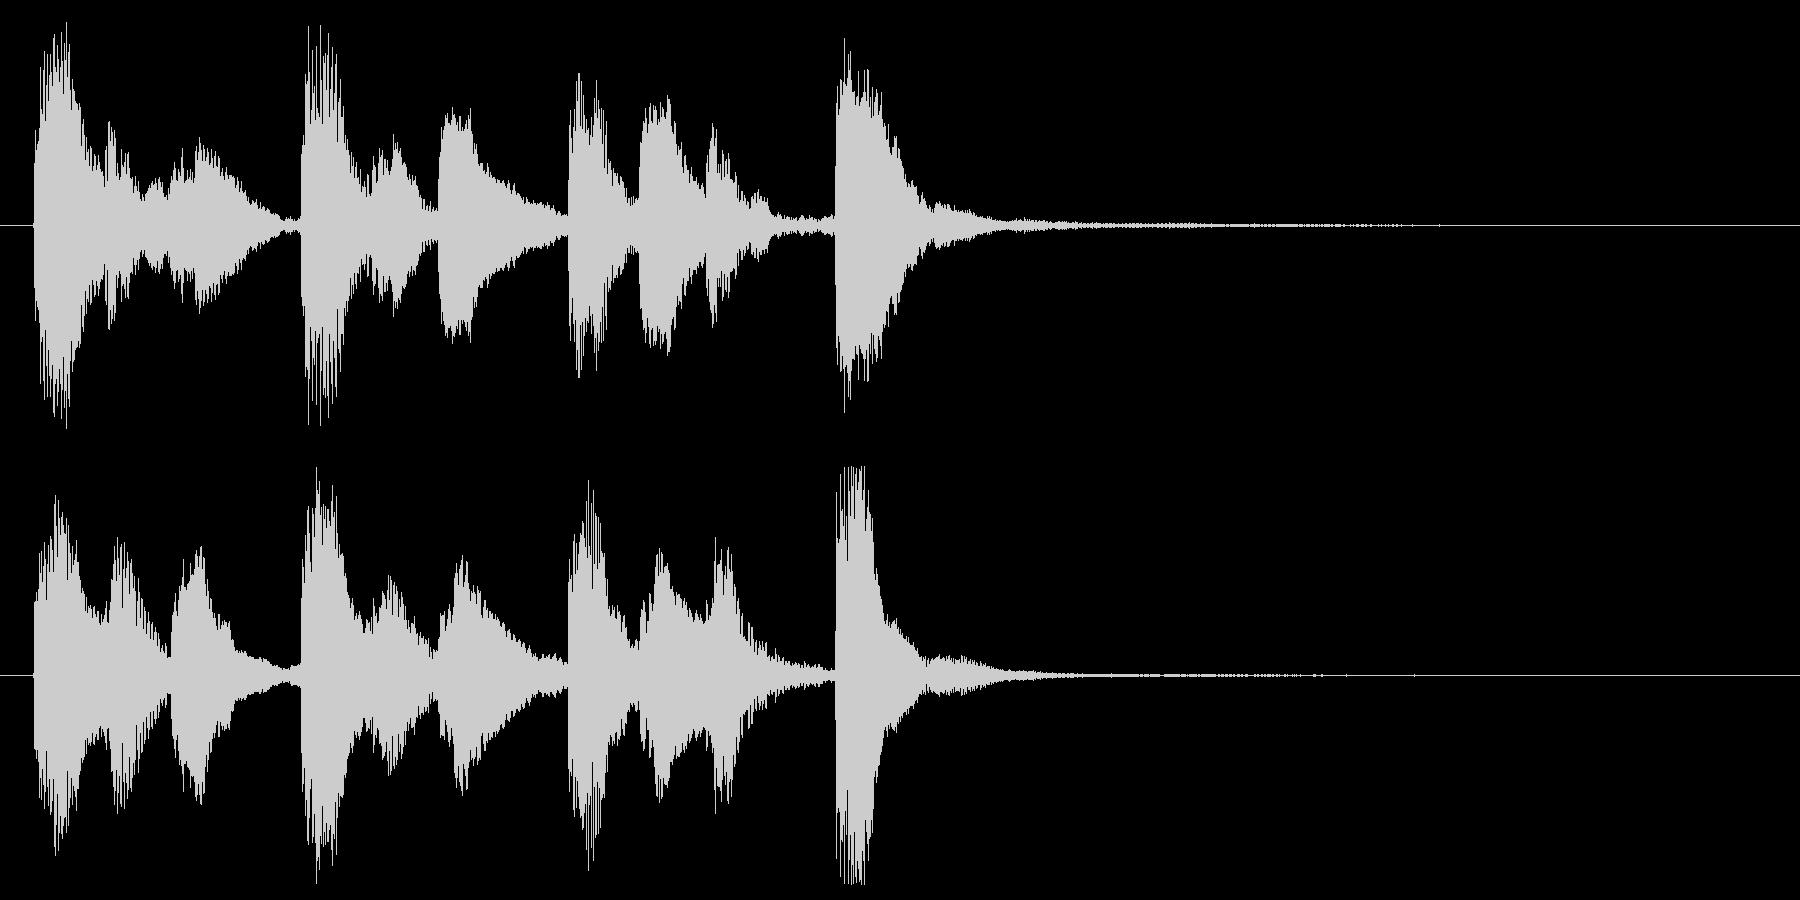 かわいい鉄琴のジングルの未再生の波形